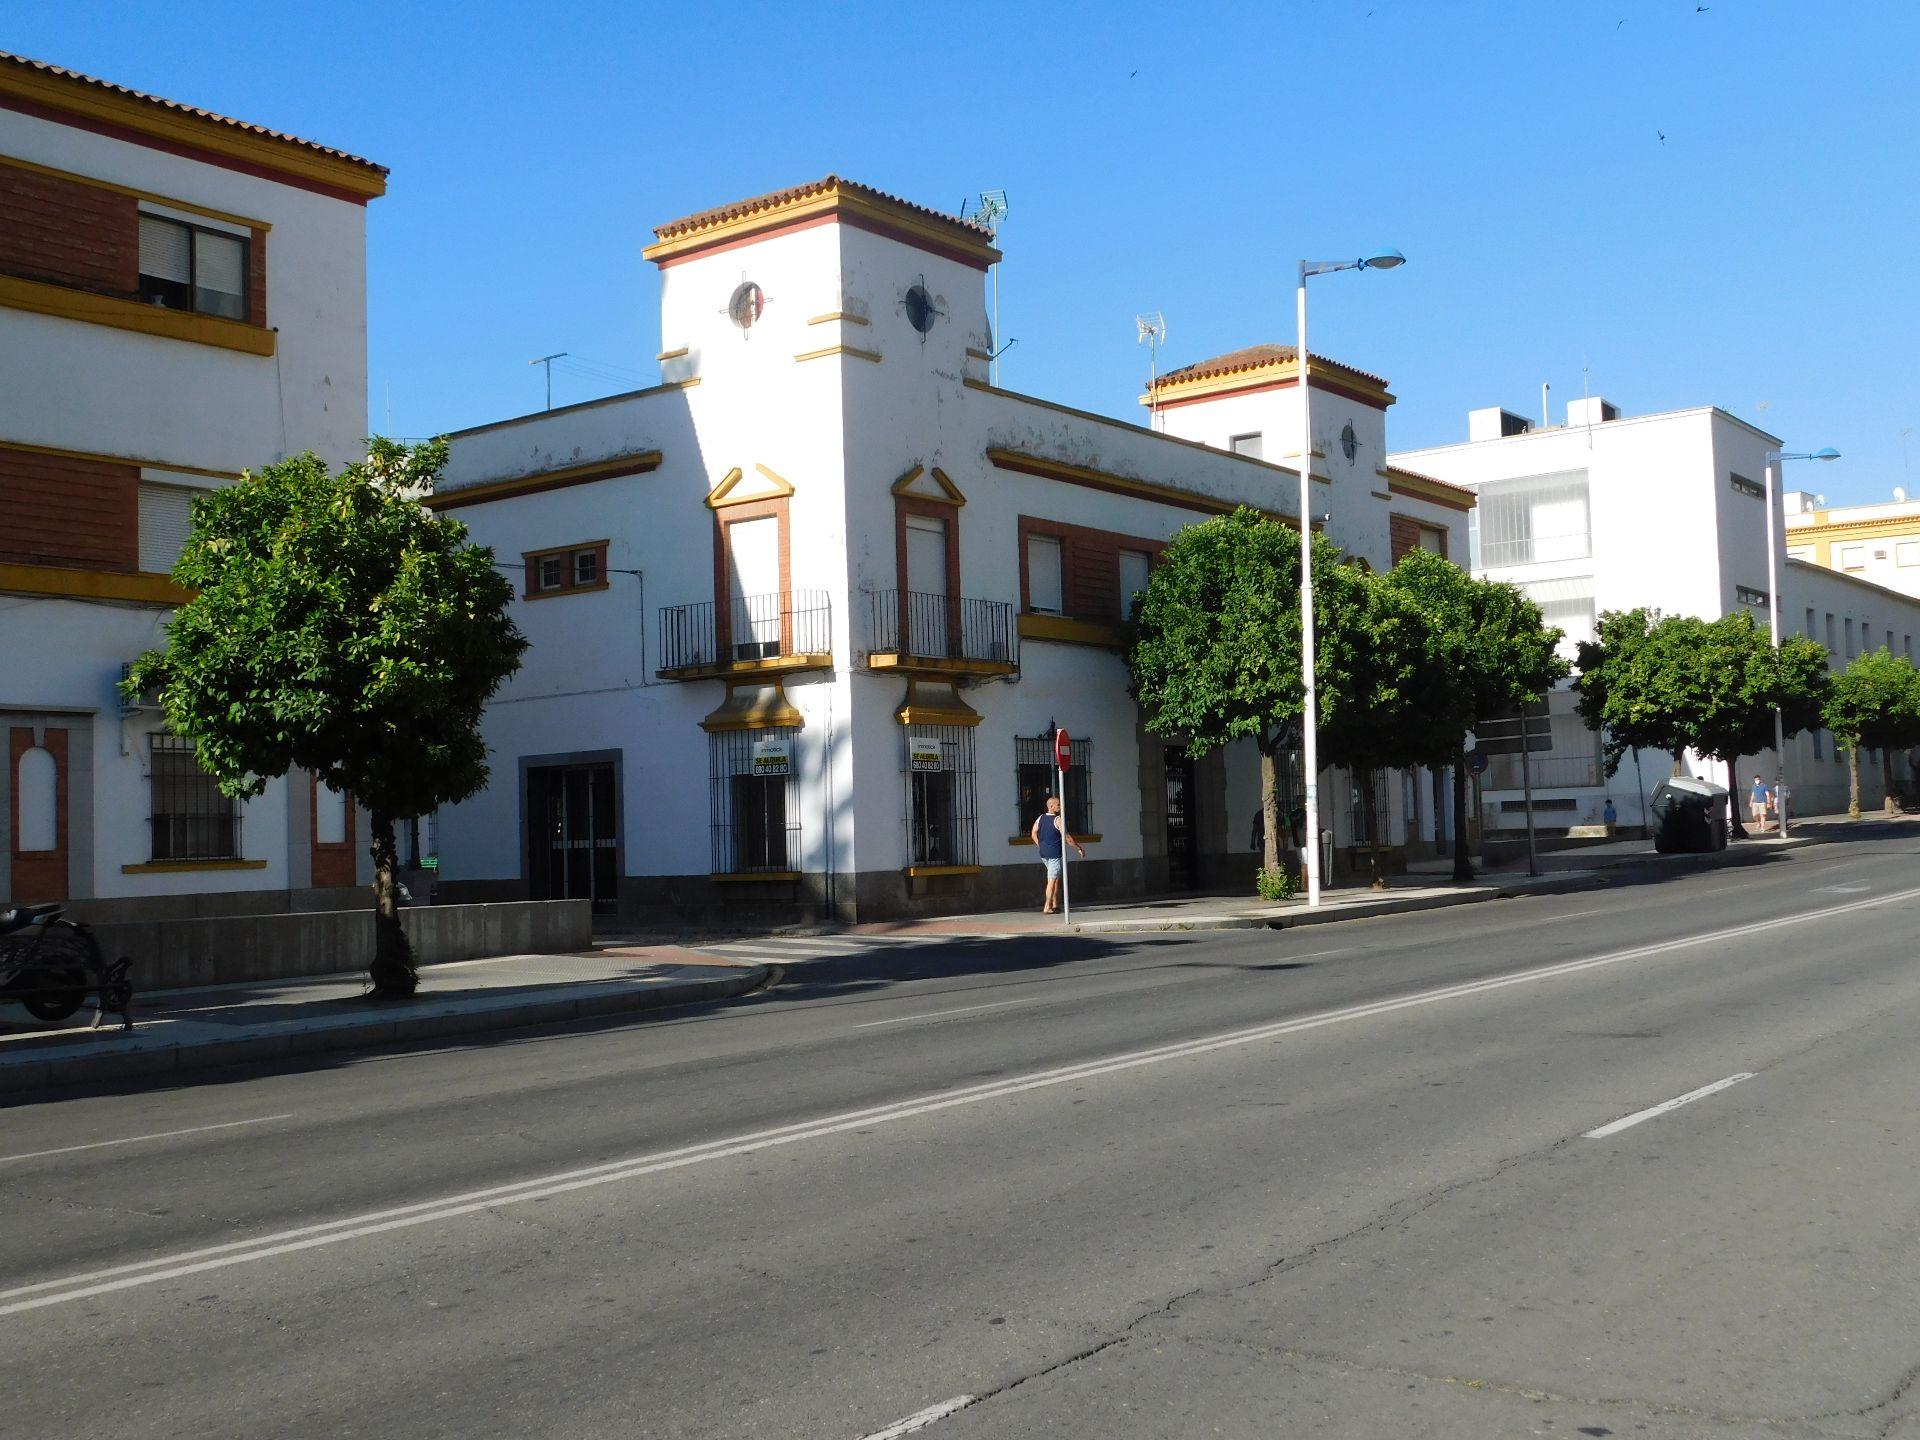 Local comercial en Huelva, CENTRO, alquiler